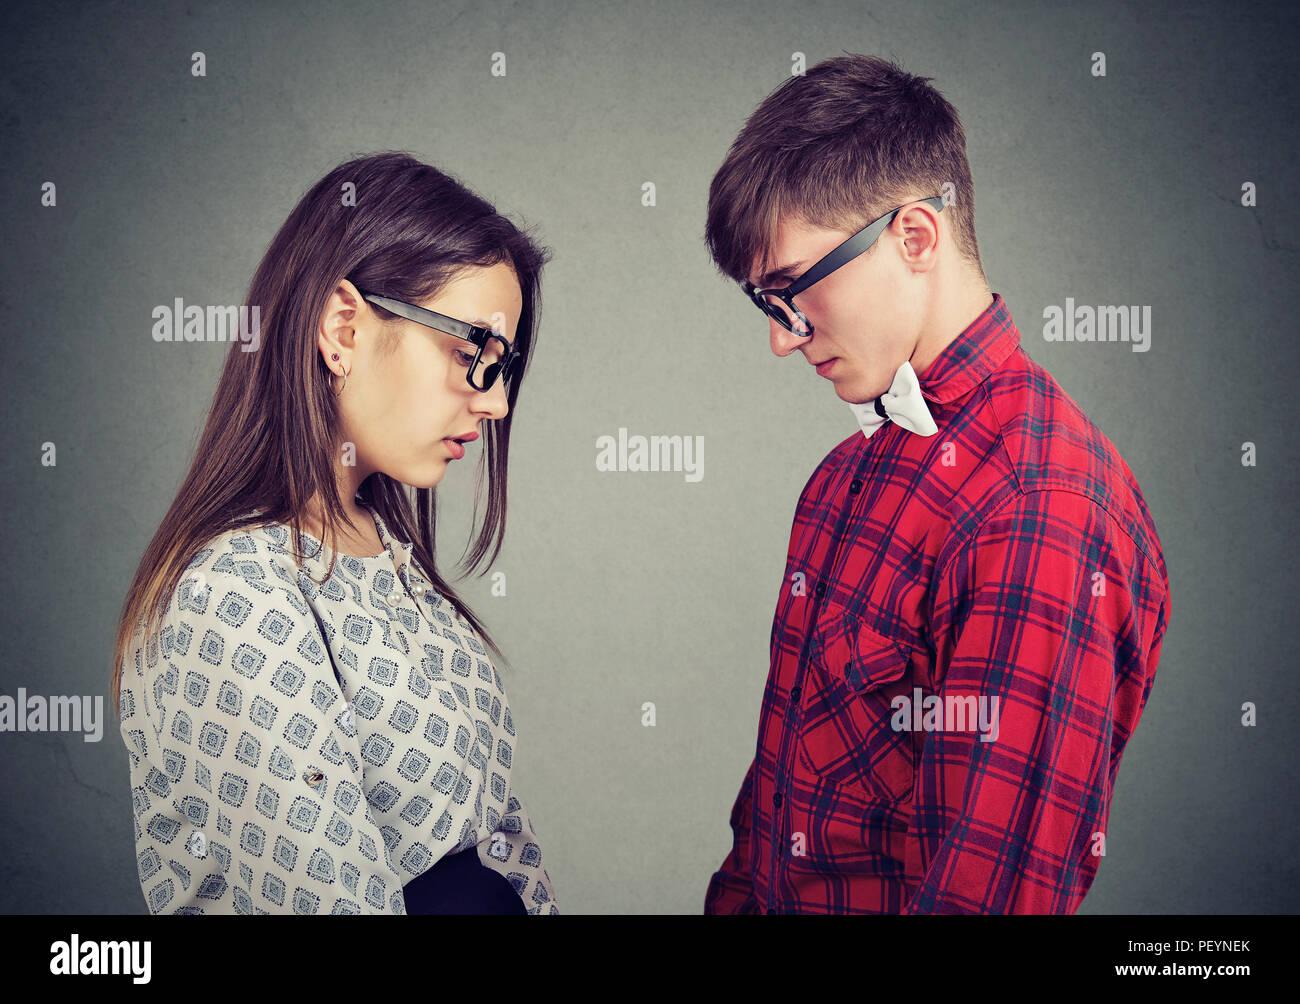 Vista laterale del giovane uomo e donna che guarda verso il basso che si trova di fronte a sentimenti di tristezza e dolore Immagini Stock